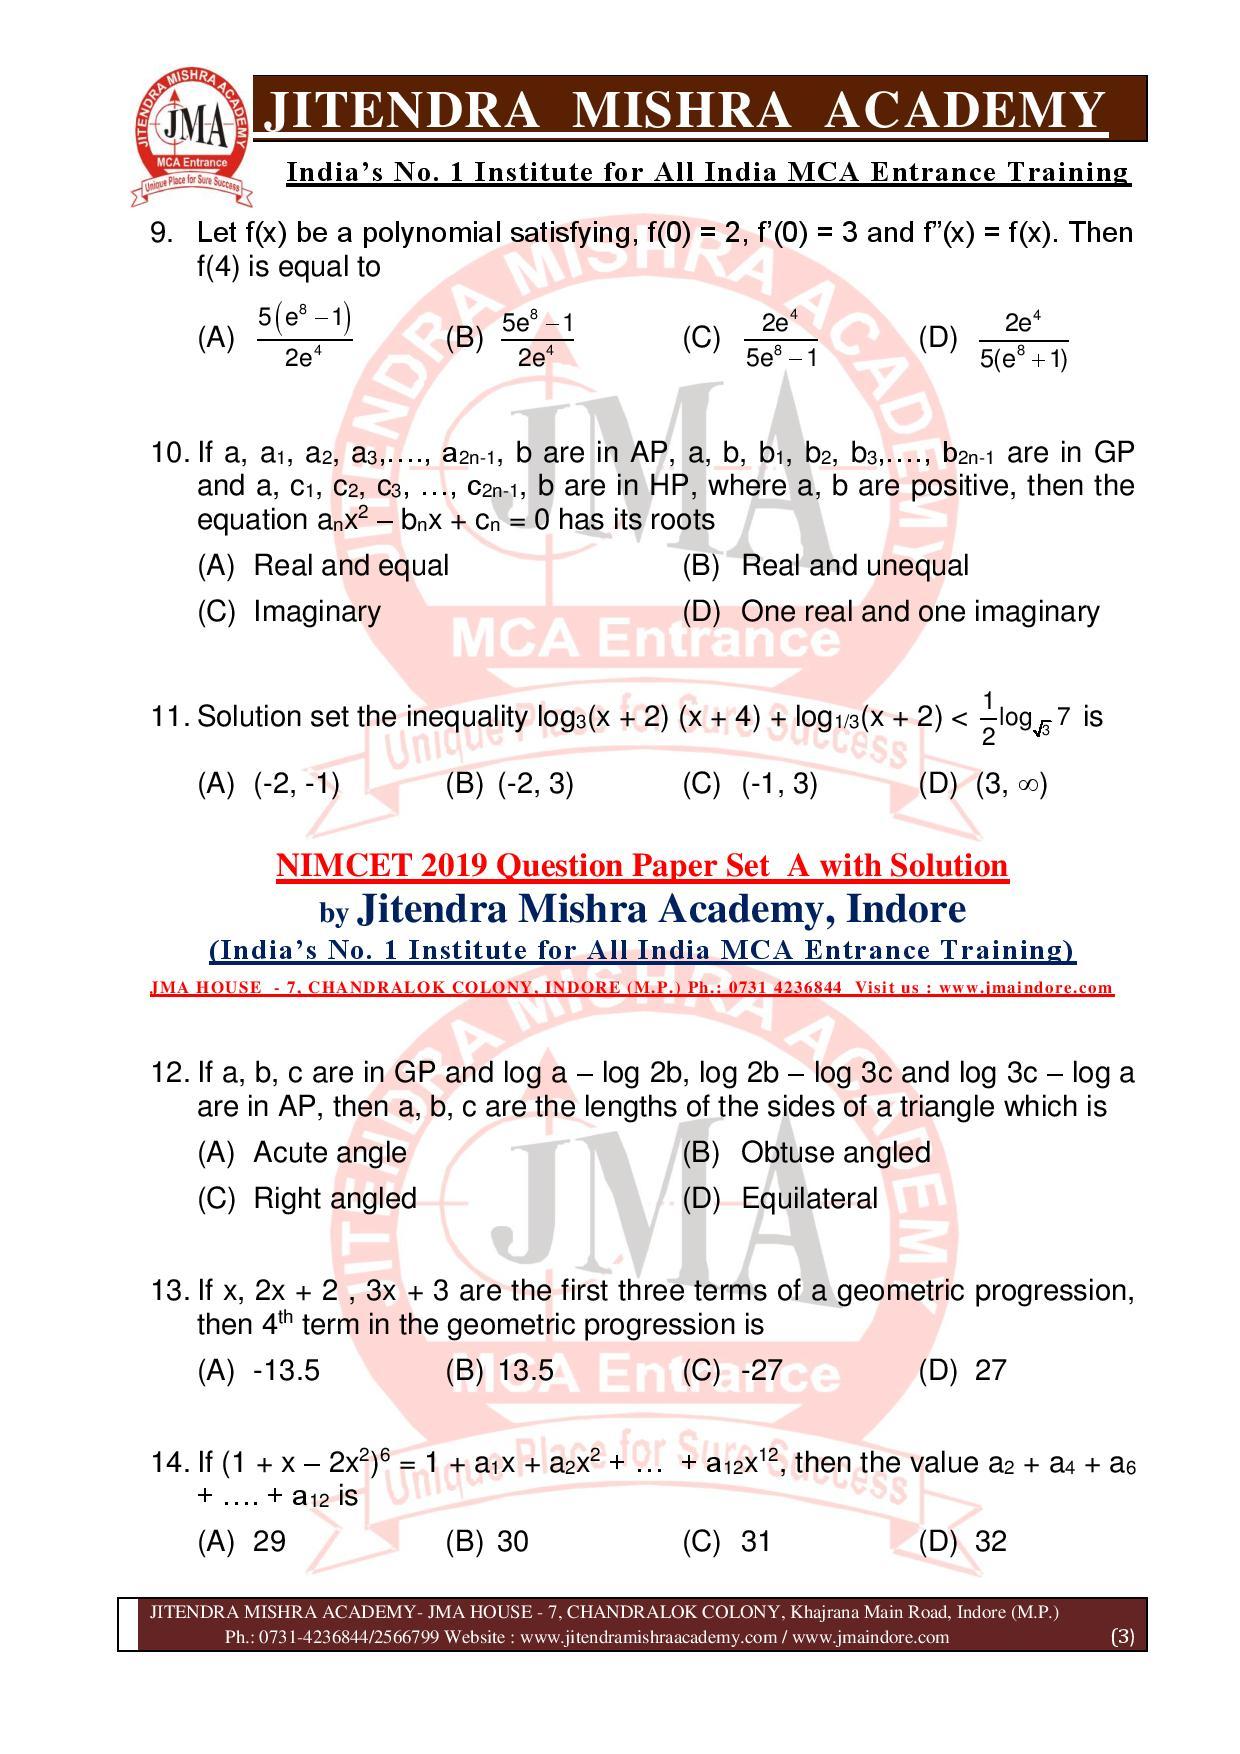 NIMCET 2019 QUESTION PAPER (SET - A) final-page-003